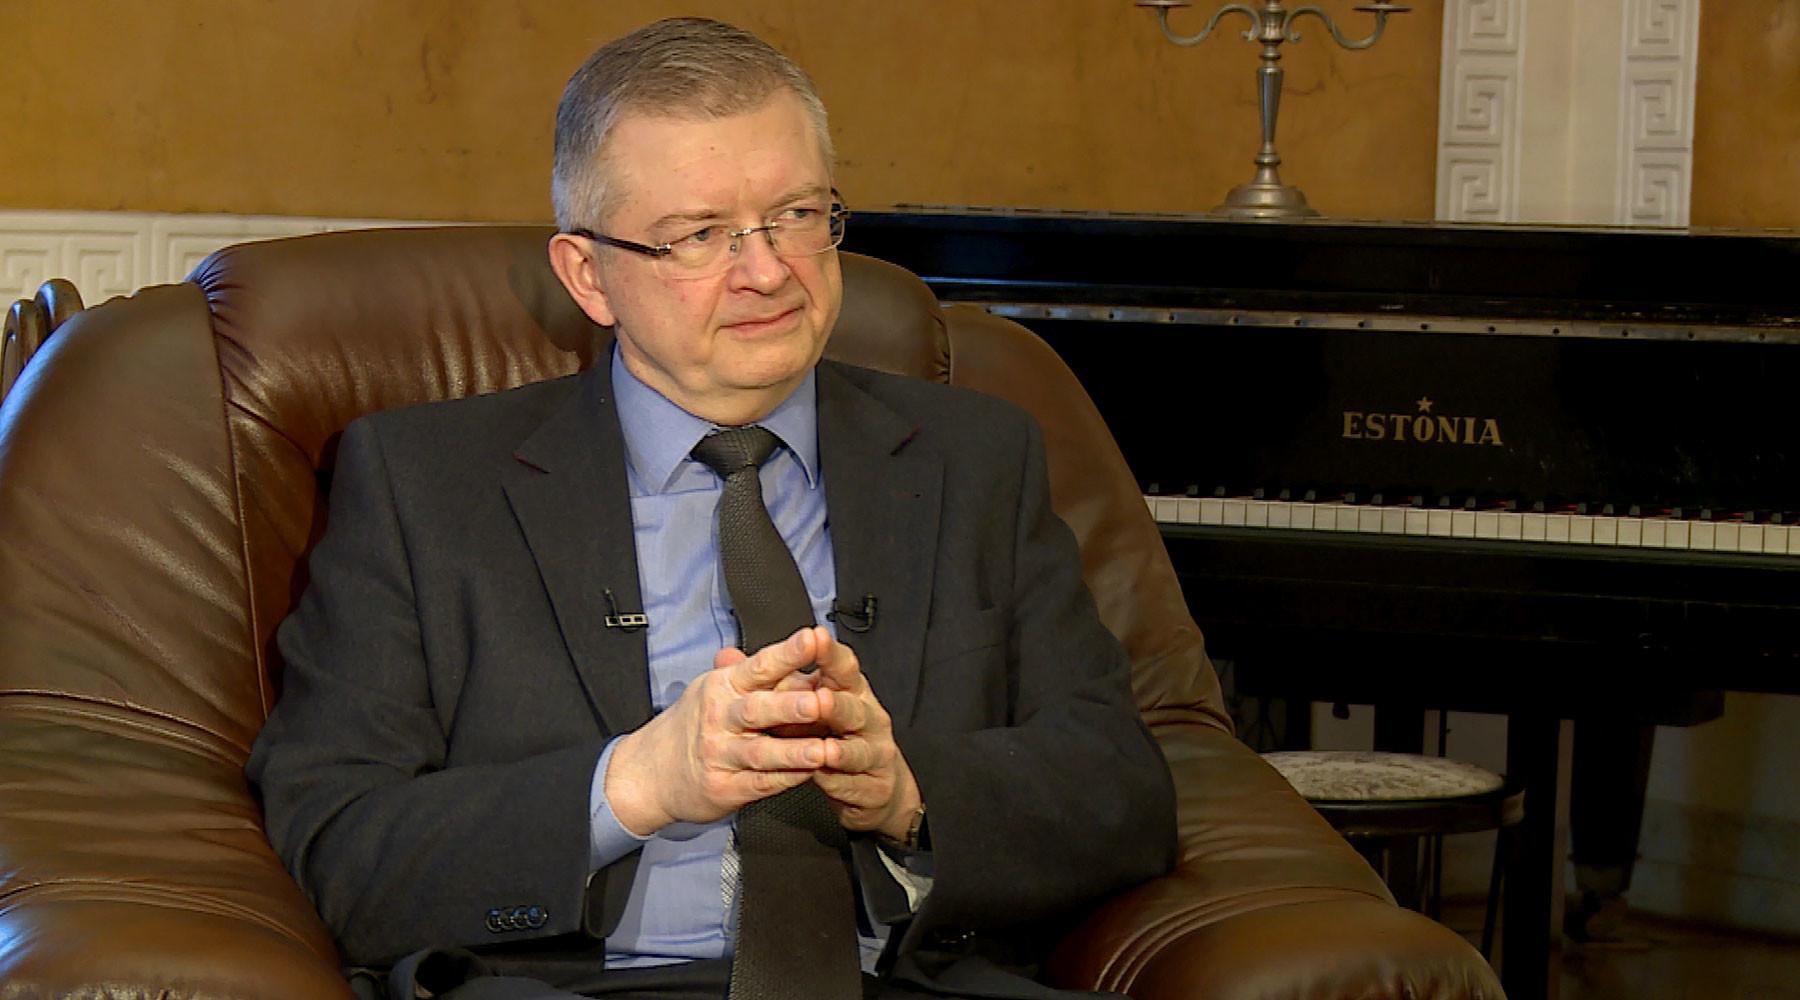 посол РФ в Польше Андреев в интервью RT»